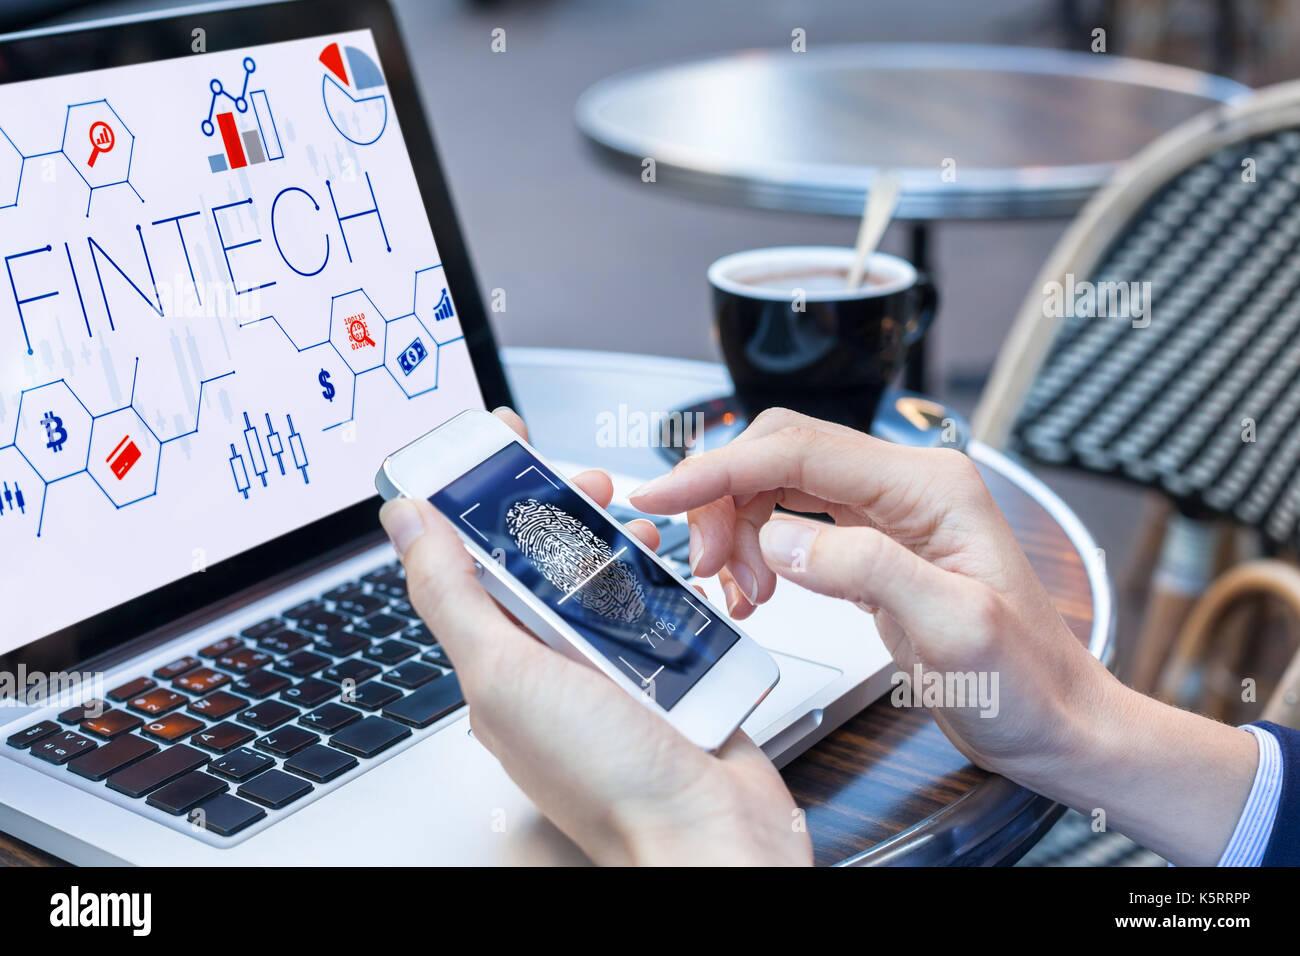 Personne d'affaires à l'aide d'empreintes digitales sur smartphone pour accéder à des données sécurisées paiement sur internet avec ordinateur portable en arrière-plan avec fintech (financ Photo Stock